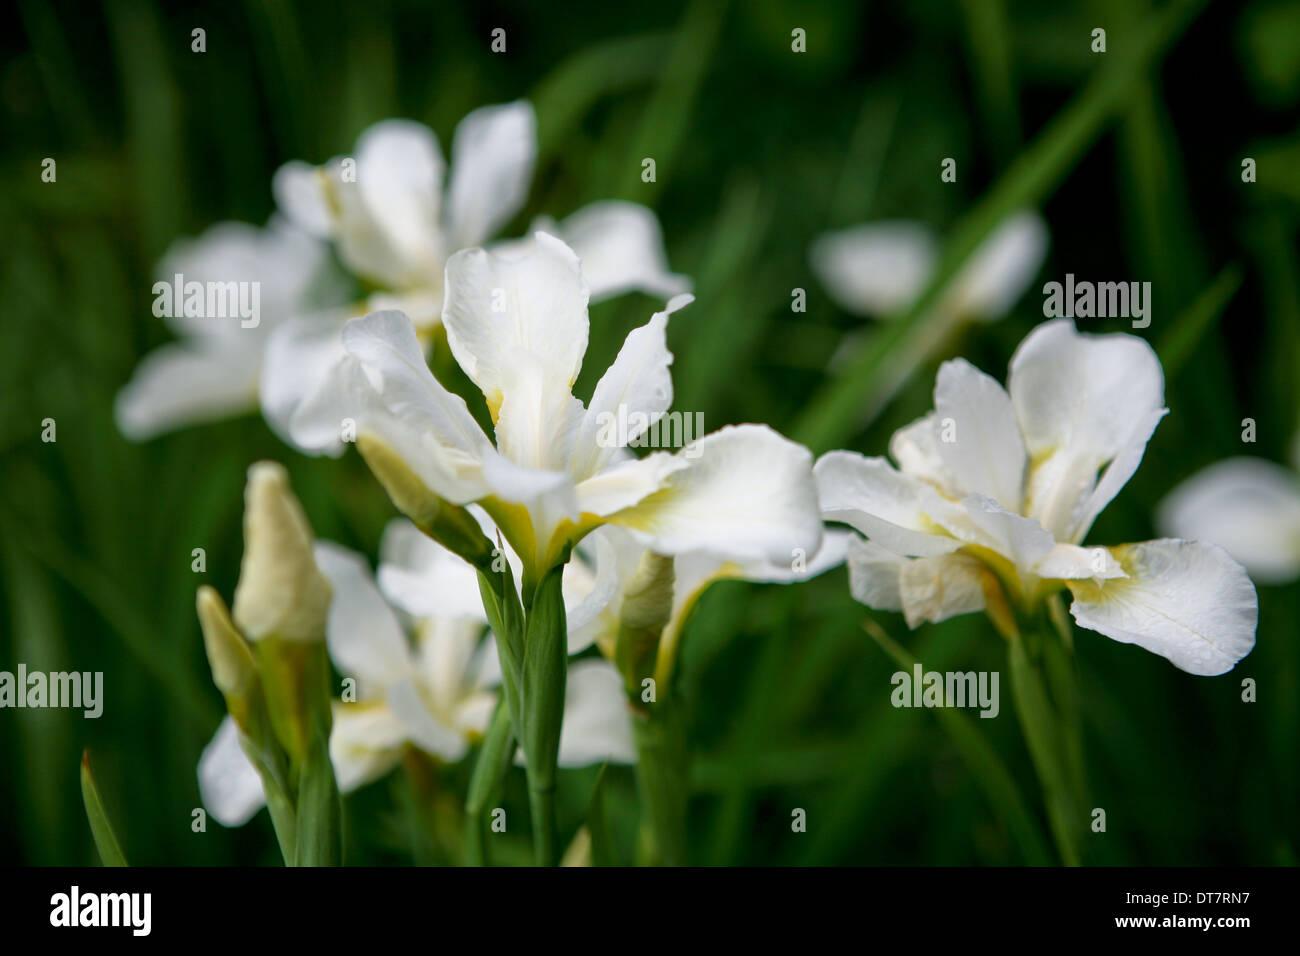 Iris white swirl siberian iris flower stock photo 66555139 alamy iris white swirl siberian iris flower izmirmasajfo